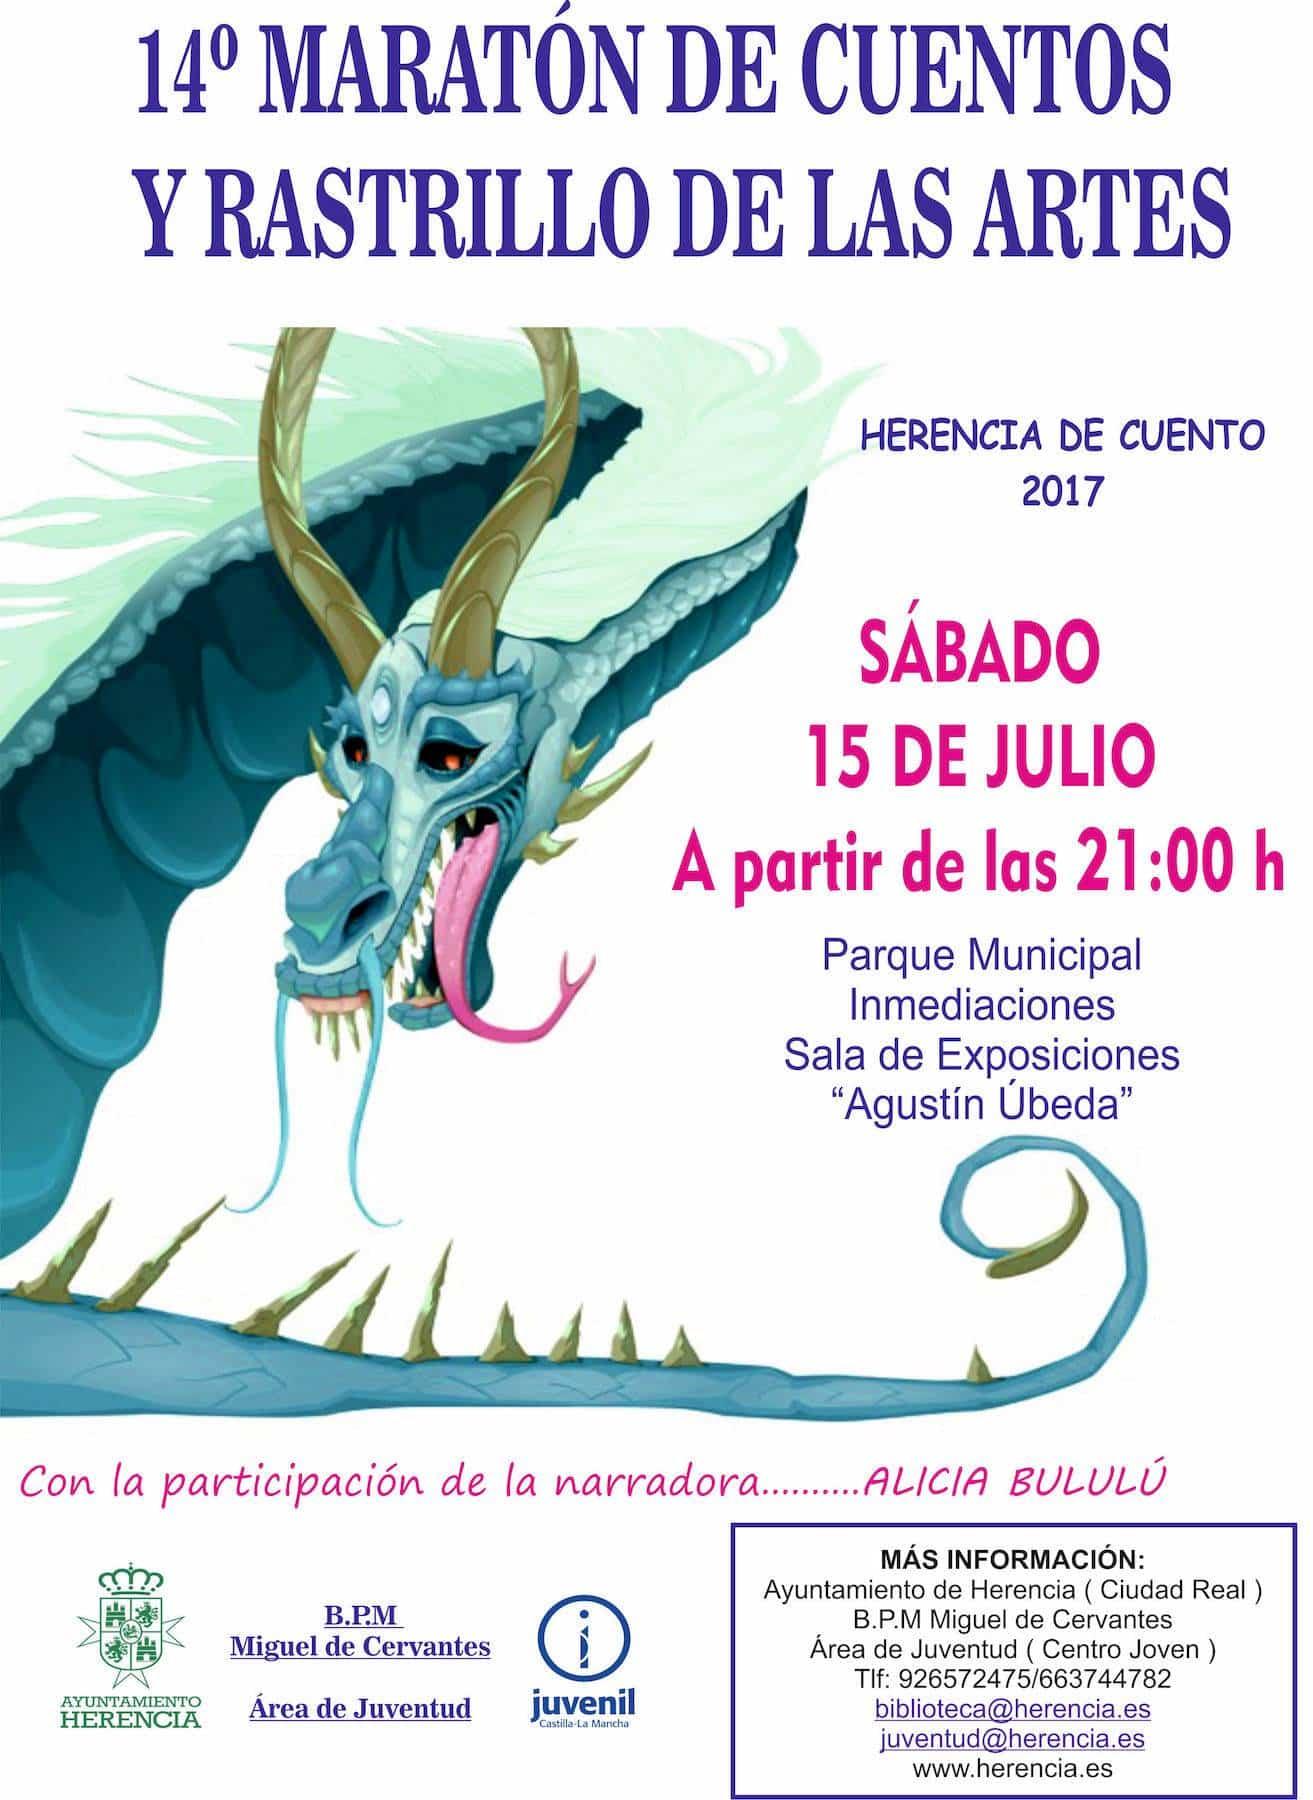 Cartel maraton cuentos 2017 herencia - El sábado no te pierdas el 14º Maratón de Cuentos y Rastrillo de las Artes en el Parque